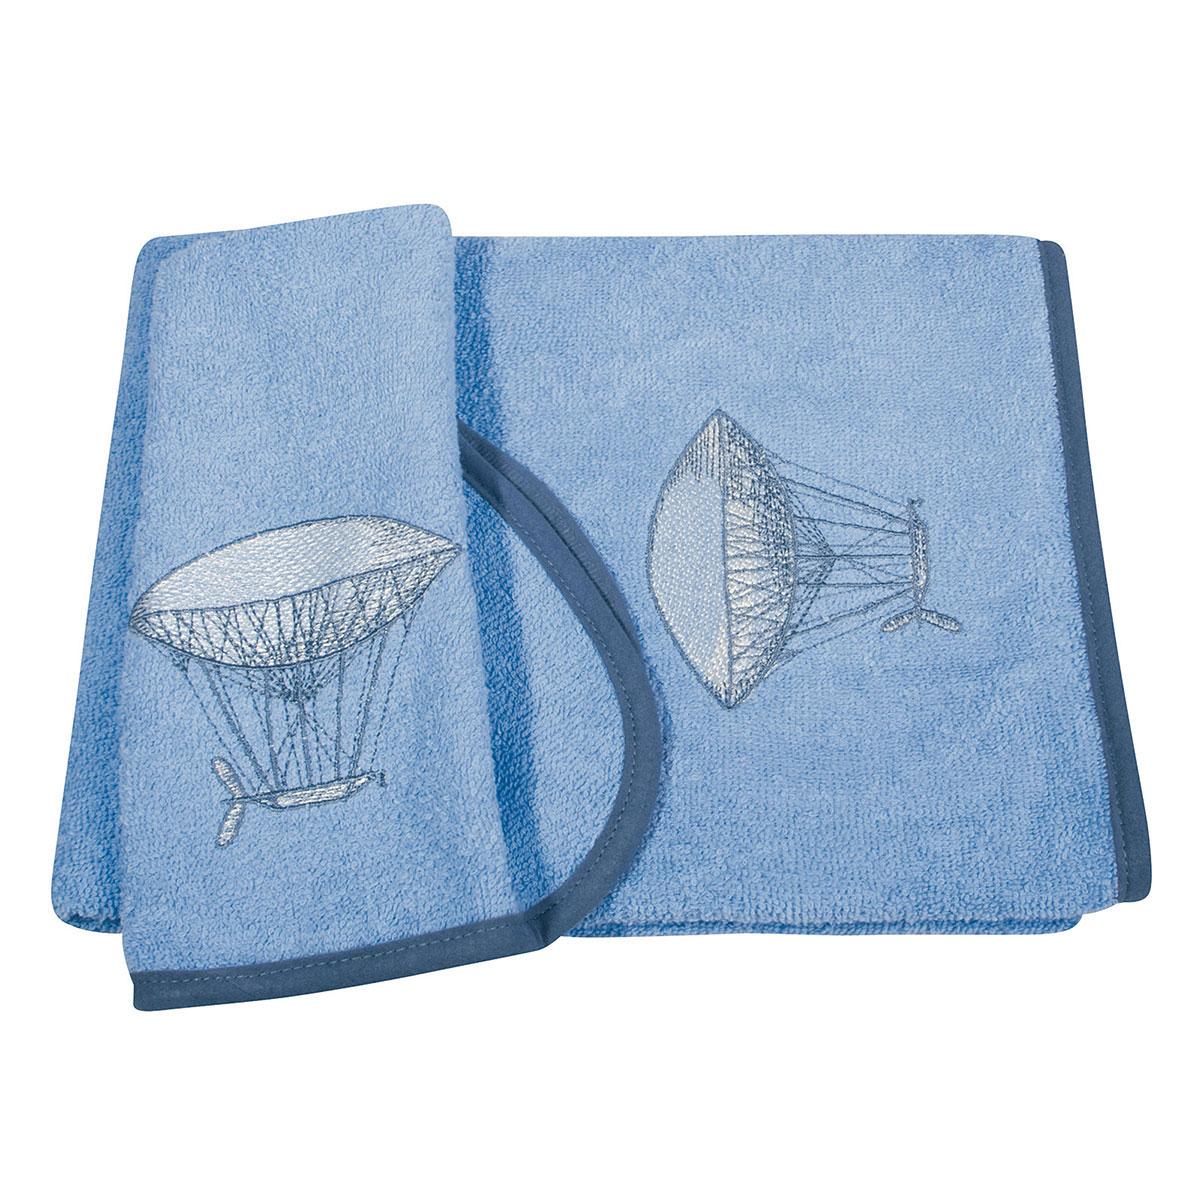 Βρεφικές Πετσέτες (Σετ 2τμχ) Polo Club Essential Baby 2938